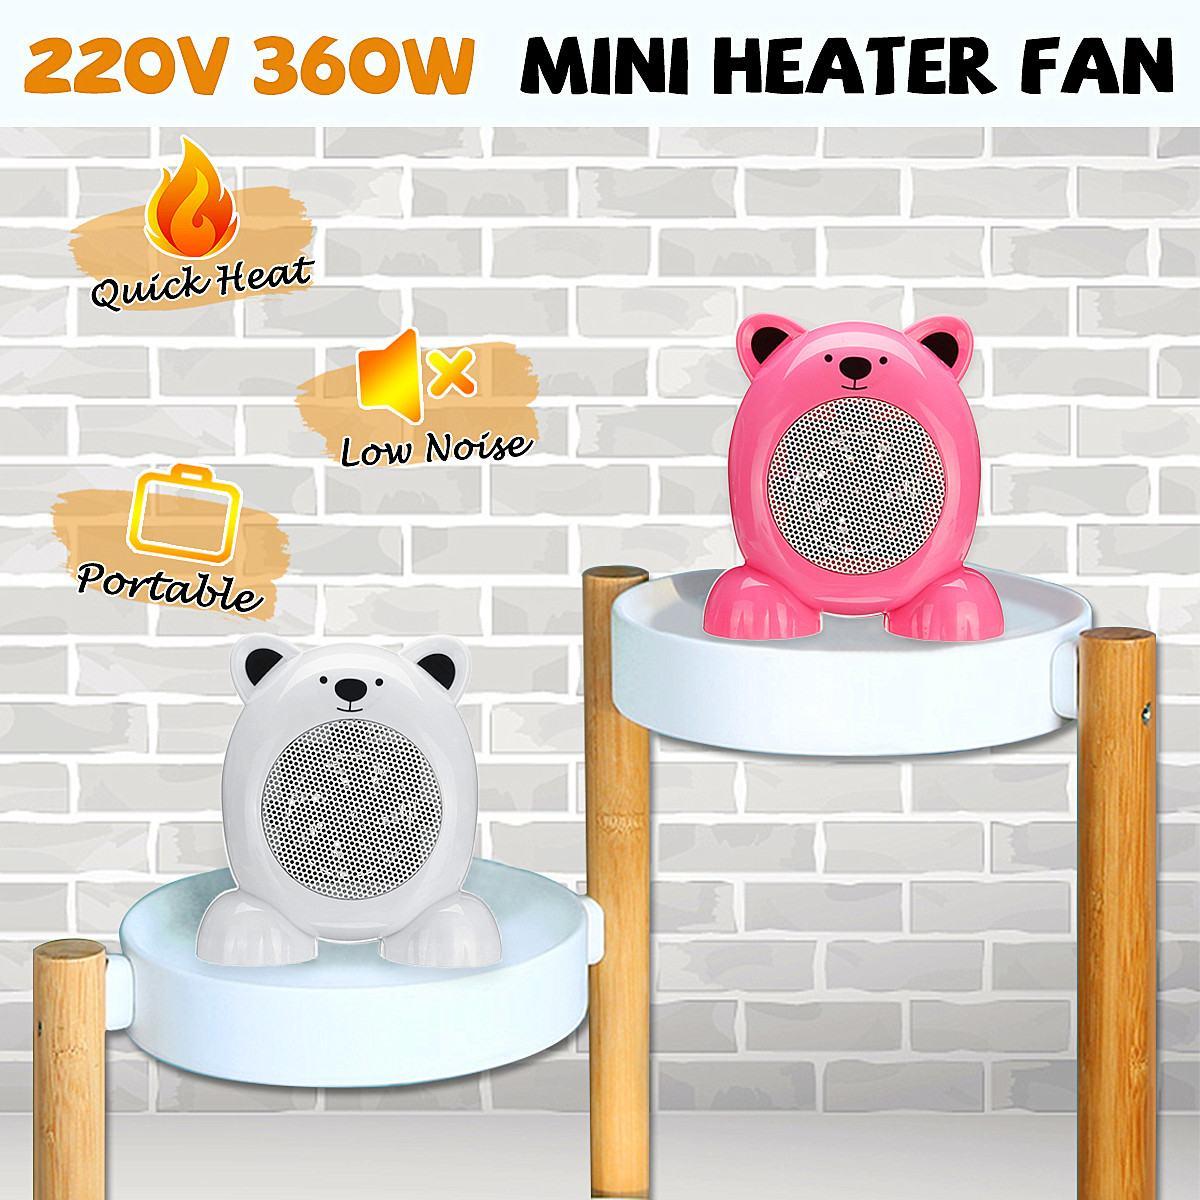 Calentadores Para Cuartos De Bano.Mini Casa Mano Calentador De 220 V 360 W Calentador